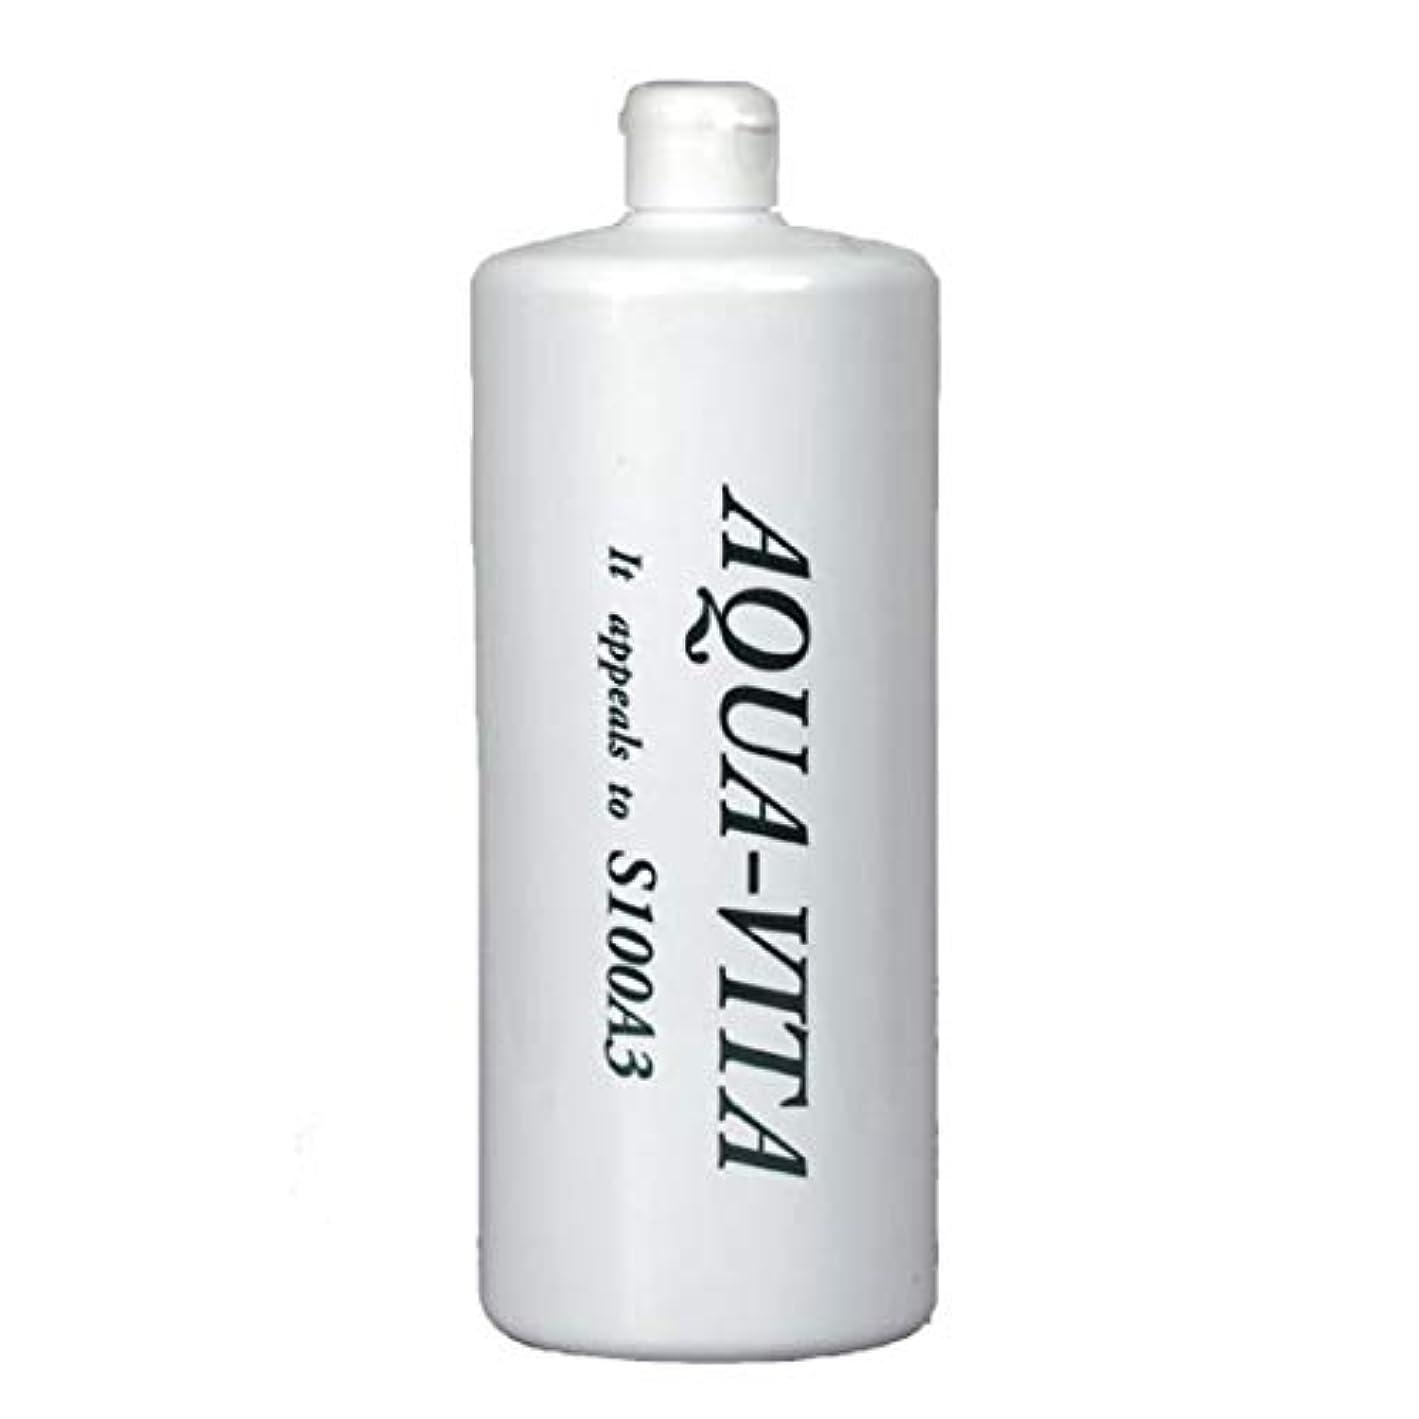 全身用化粧水 アクアヴィータ (1000ml (お得用サイズ))